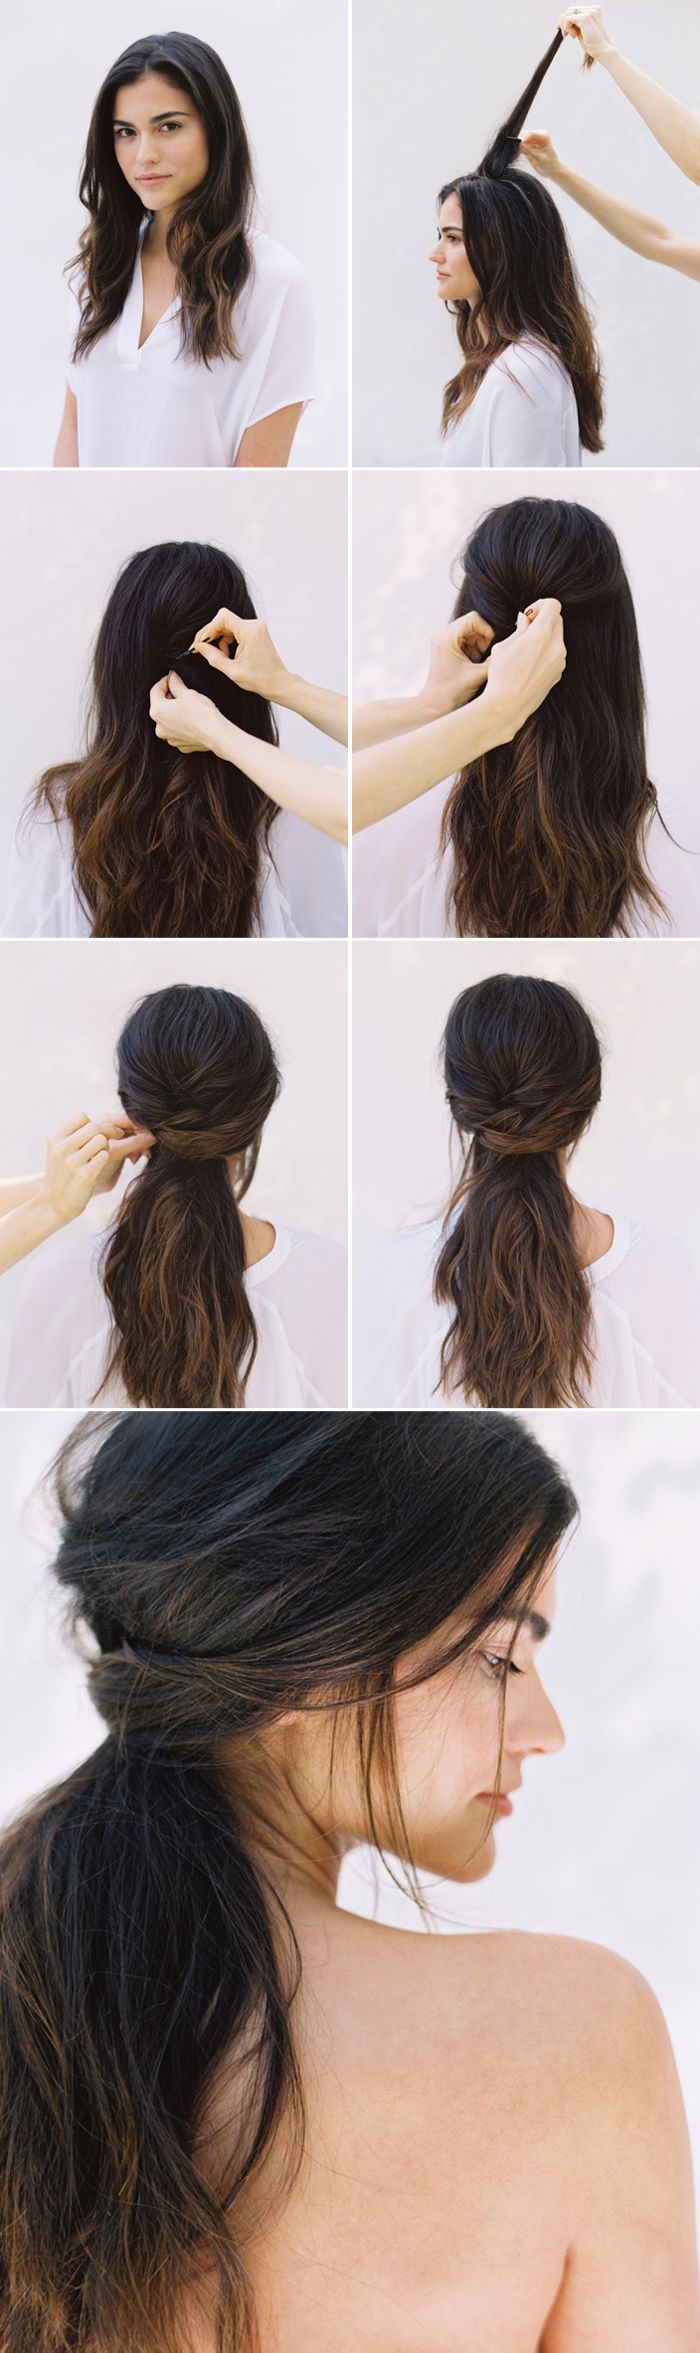 поделки с половиной до половинной супрессорных свадебных причесок в обмен на долгосрочной волос